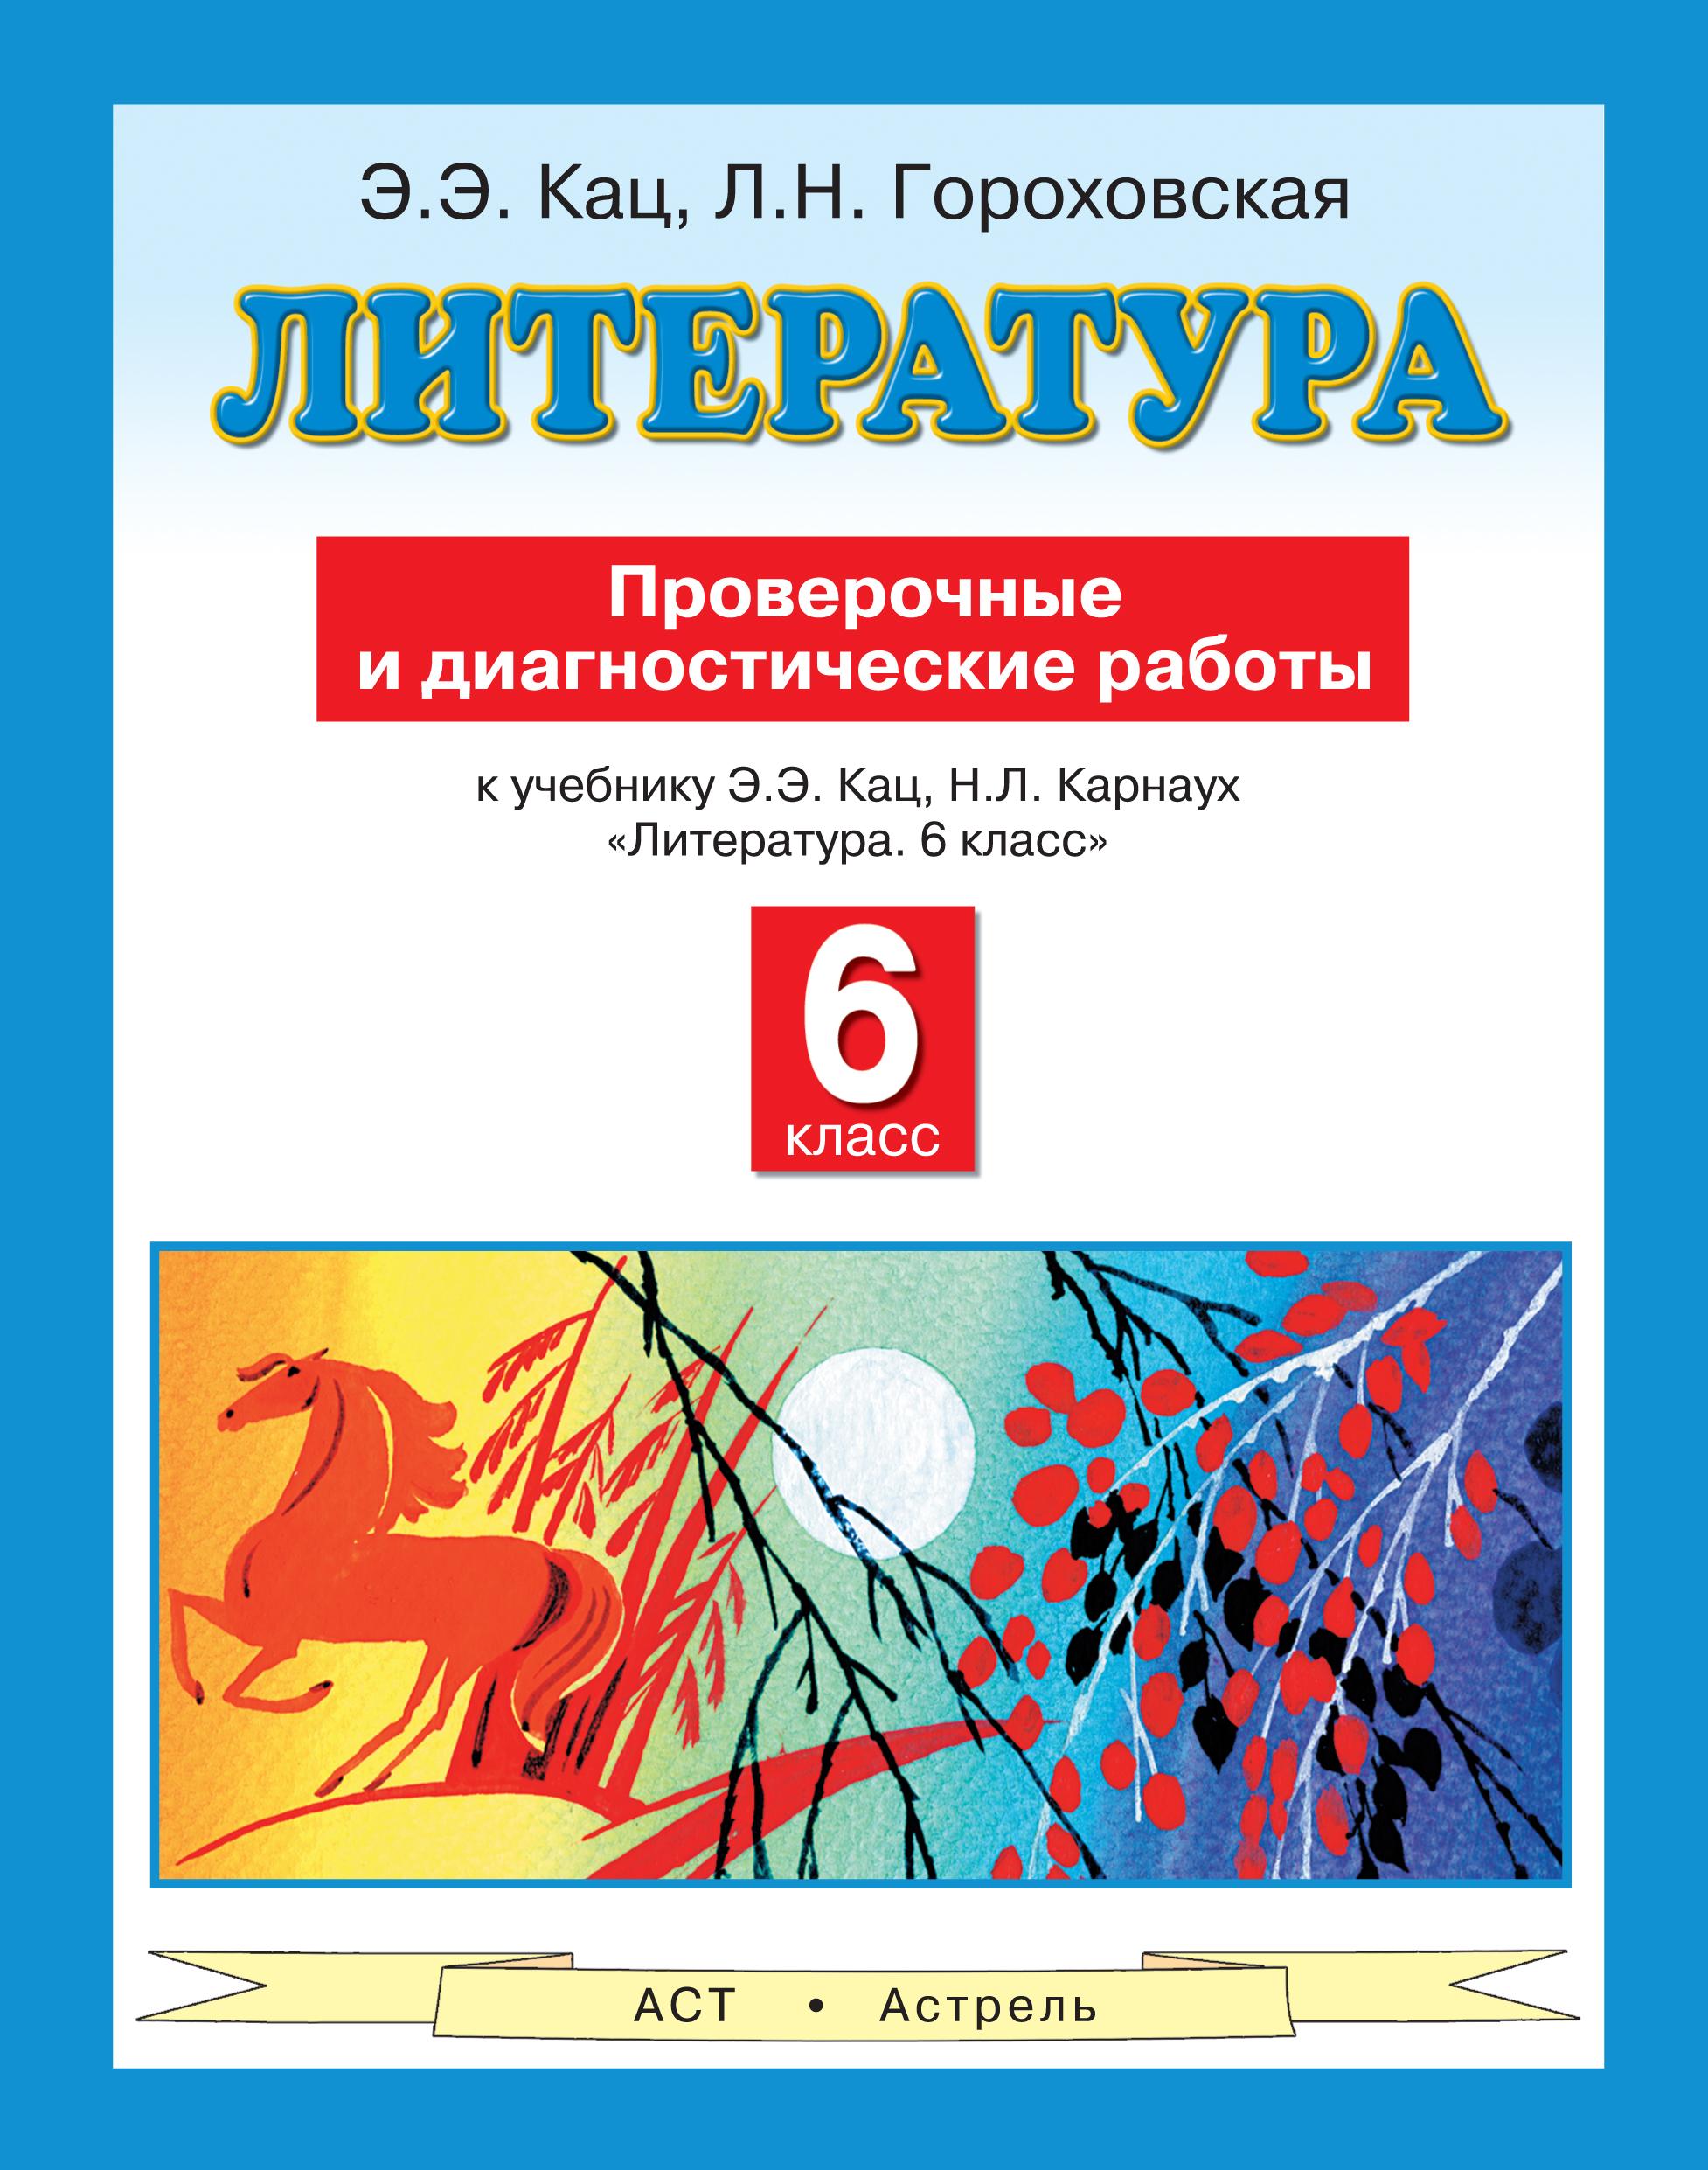 Литература. 6 класс. Проверочные и диагностические работы